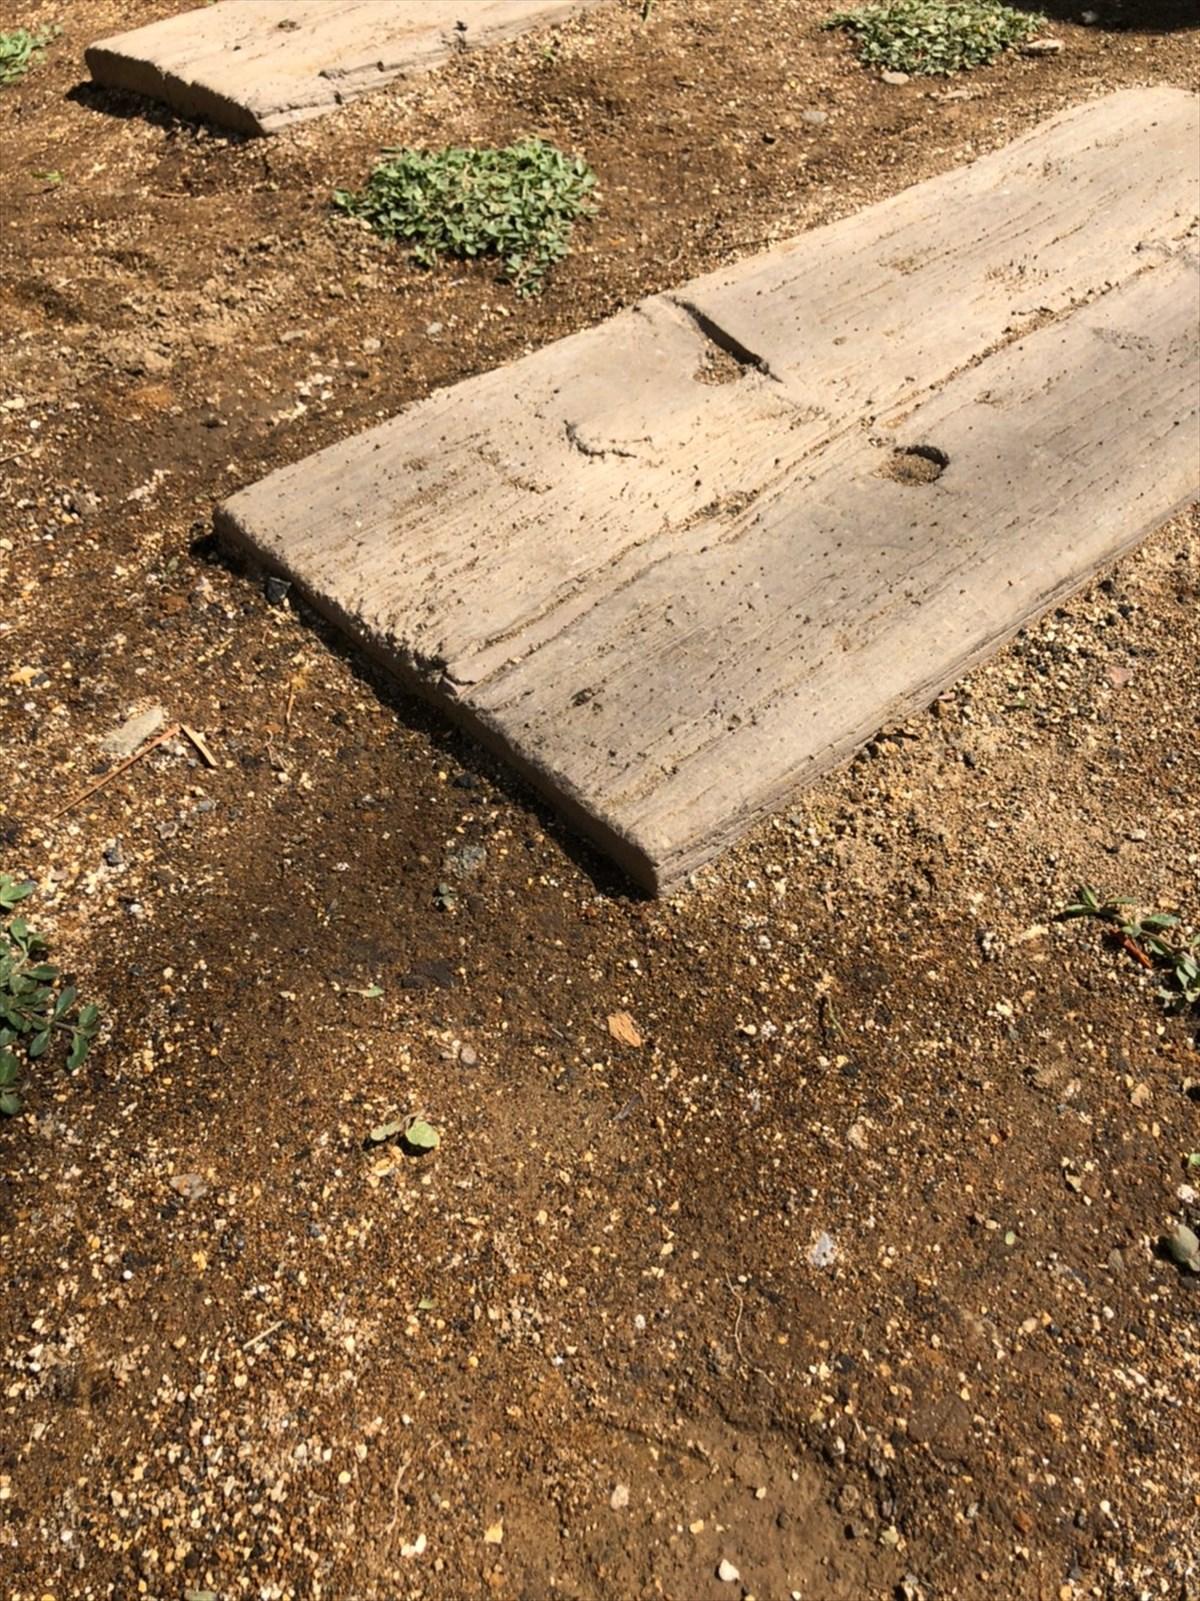 古材と土、グリーンでナチュラルな玄関ポーチへリノベ|横浜リノベーション